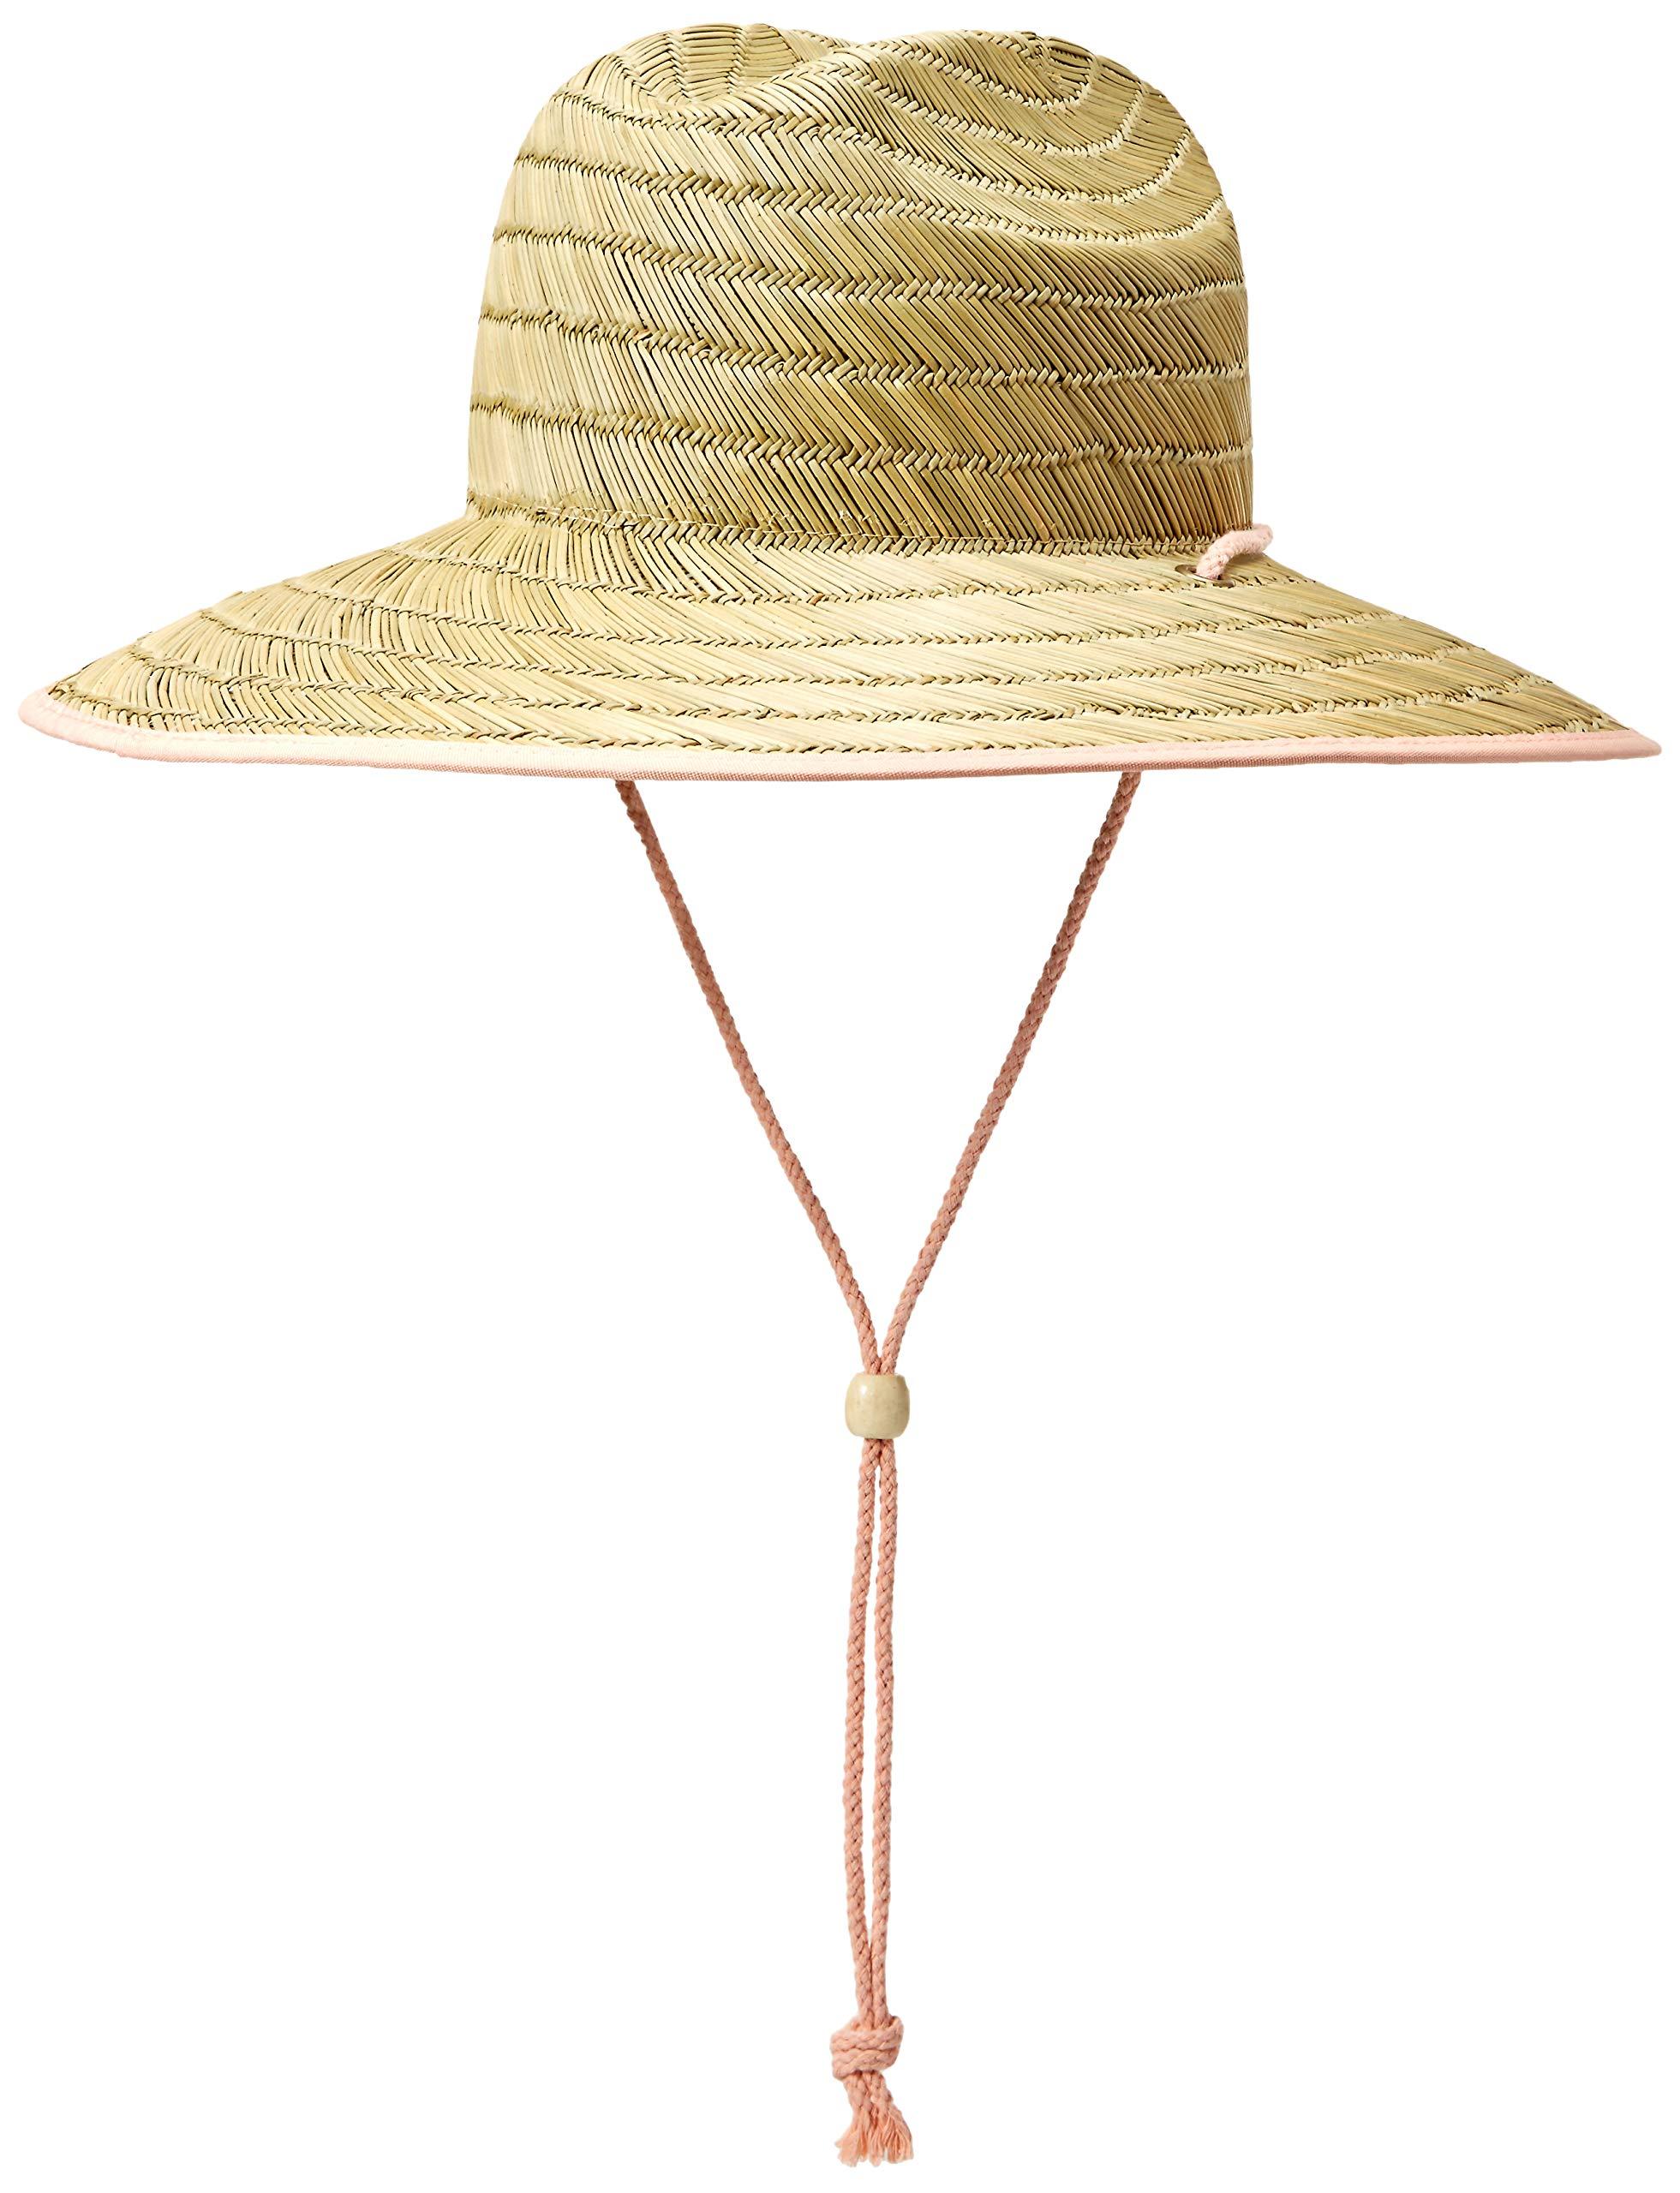 Roxy Little Tomboy Girl Sun HAT, Peach Bud, 1SZ by Roxy (Image #2)